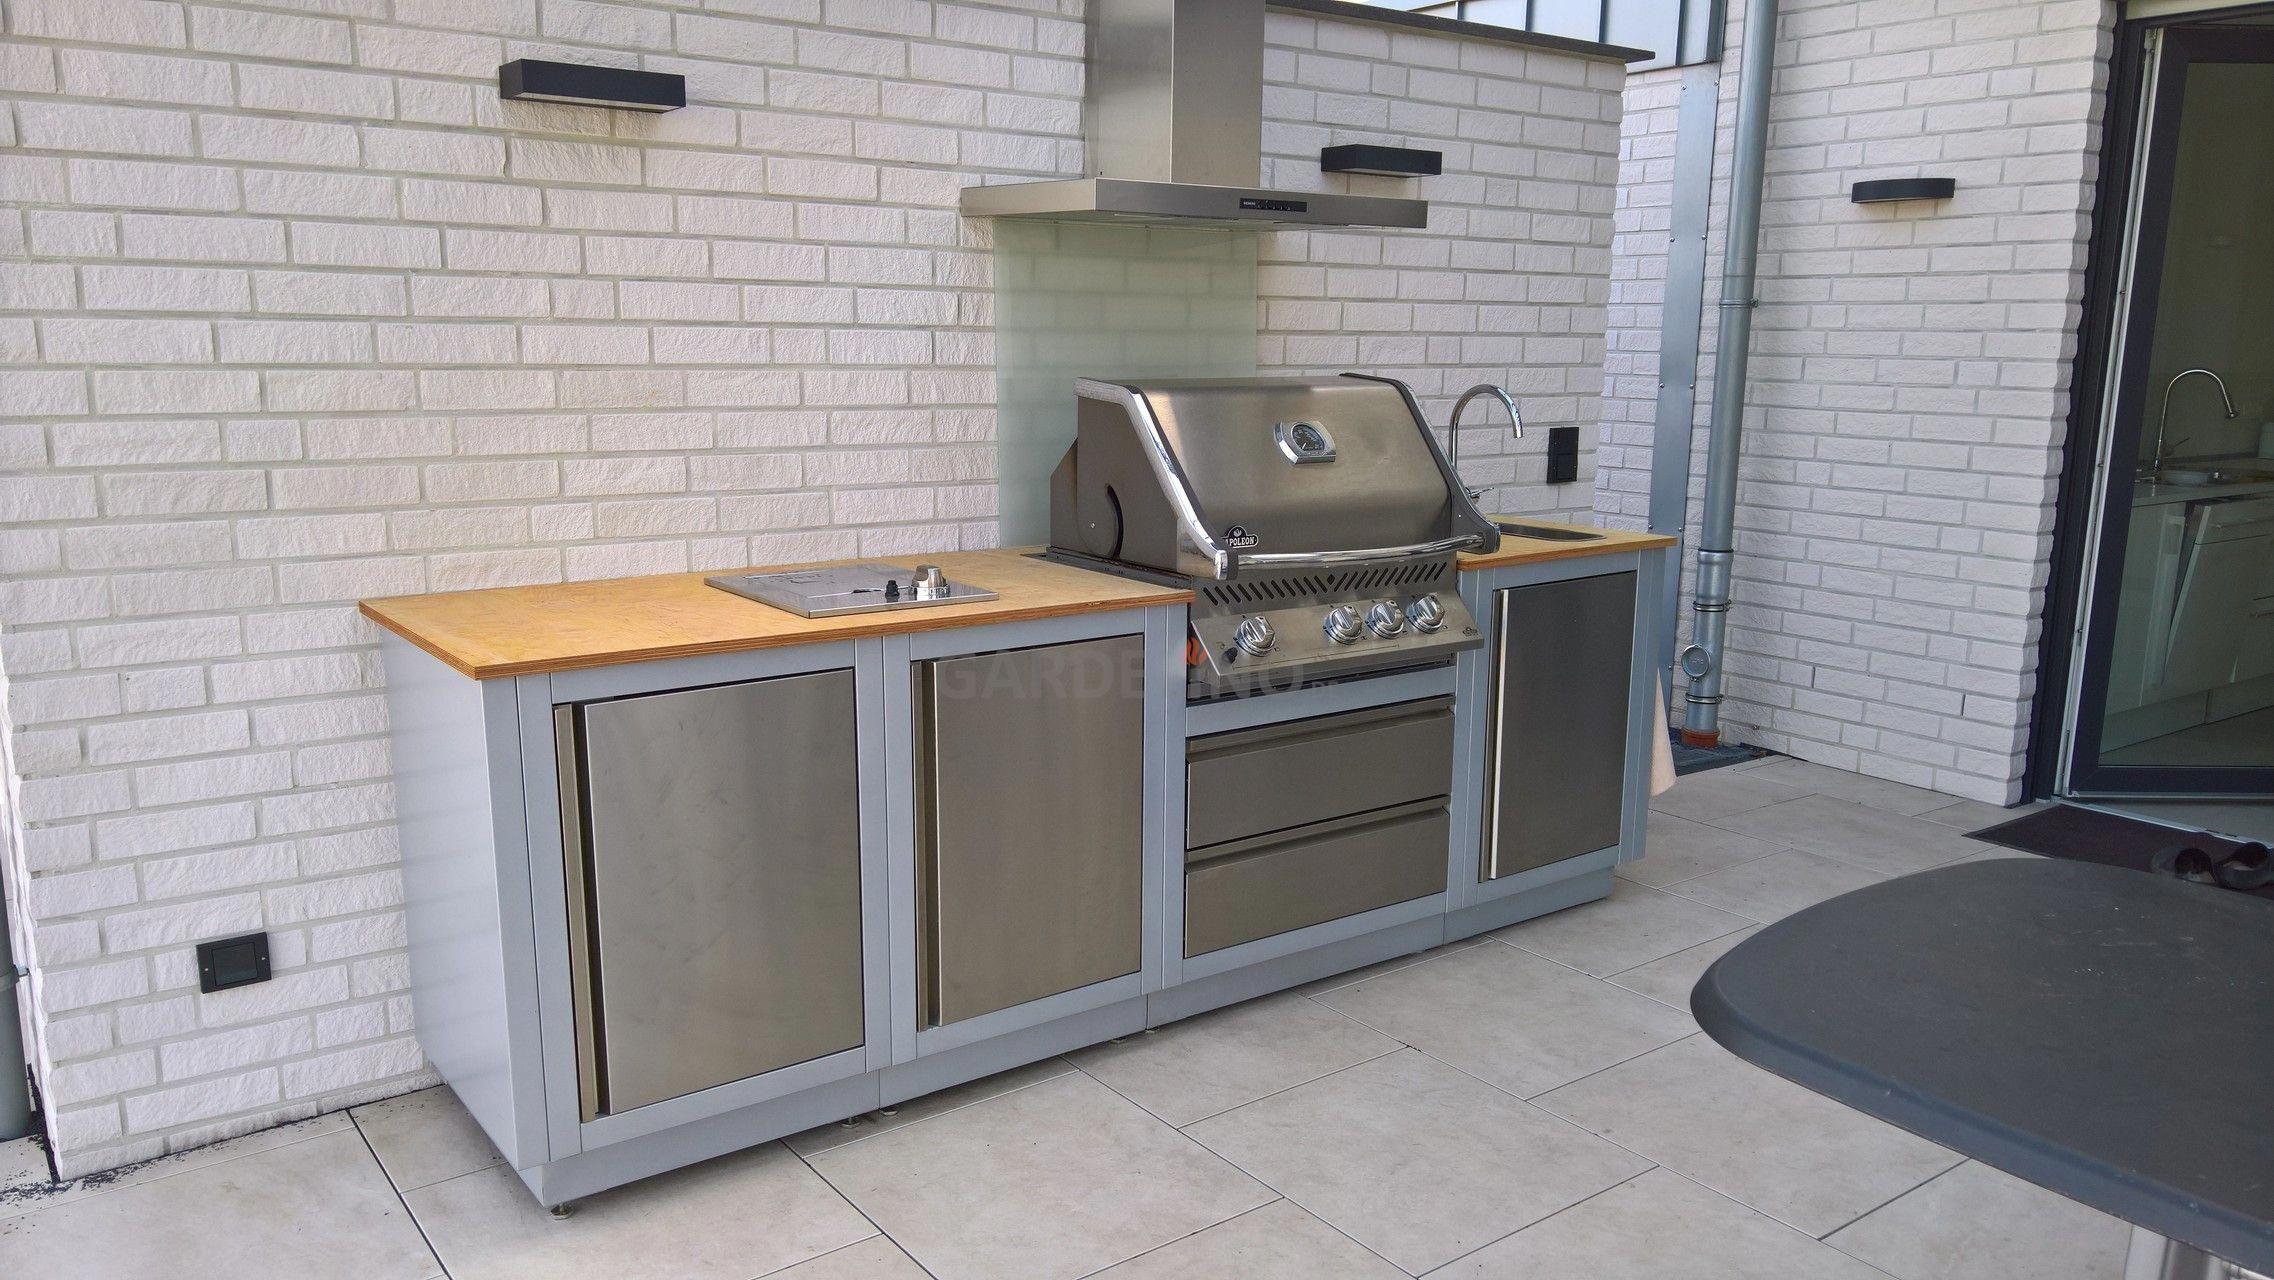 Outdoor Küche Napoleon : Napoleon outdoor küche einfache outdoorküche mit system oasis